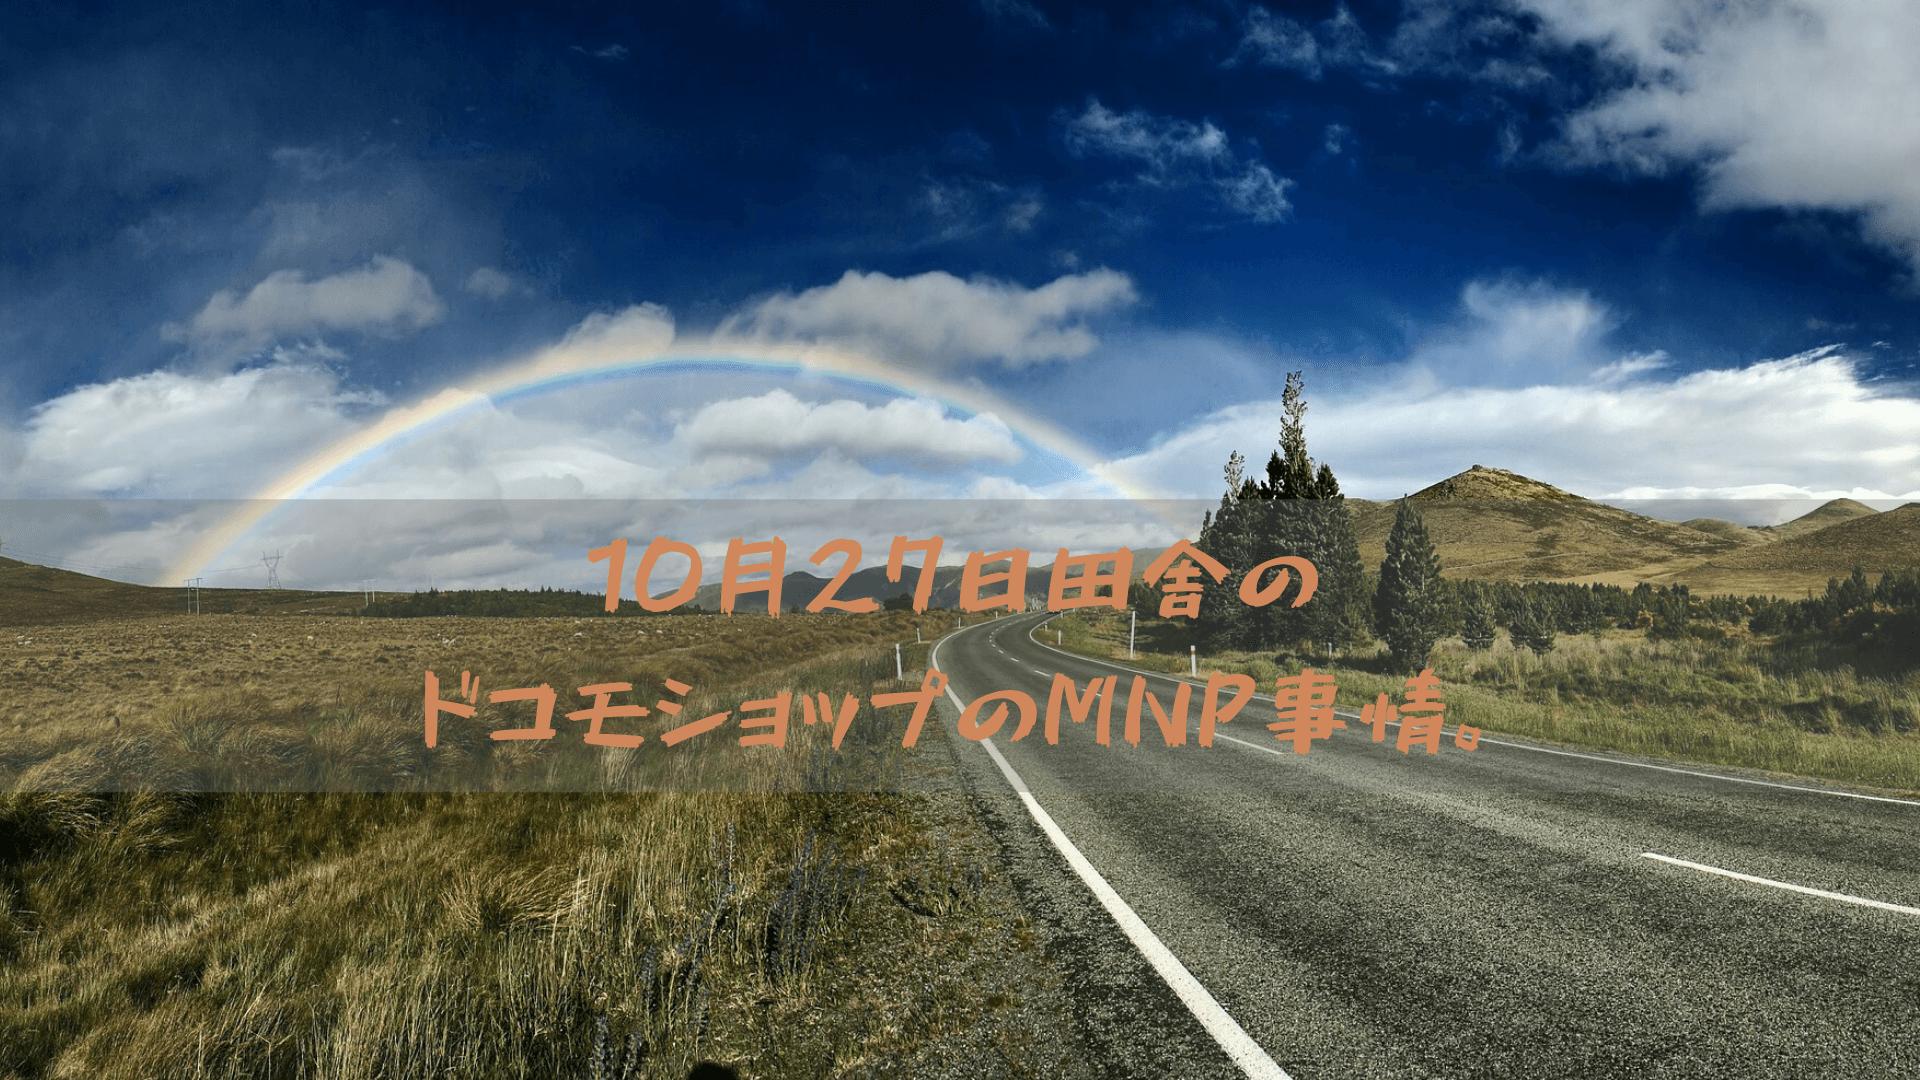 10月27日田舎のドコモショップのMNP事情。